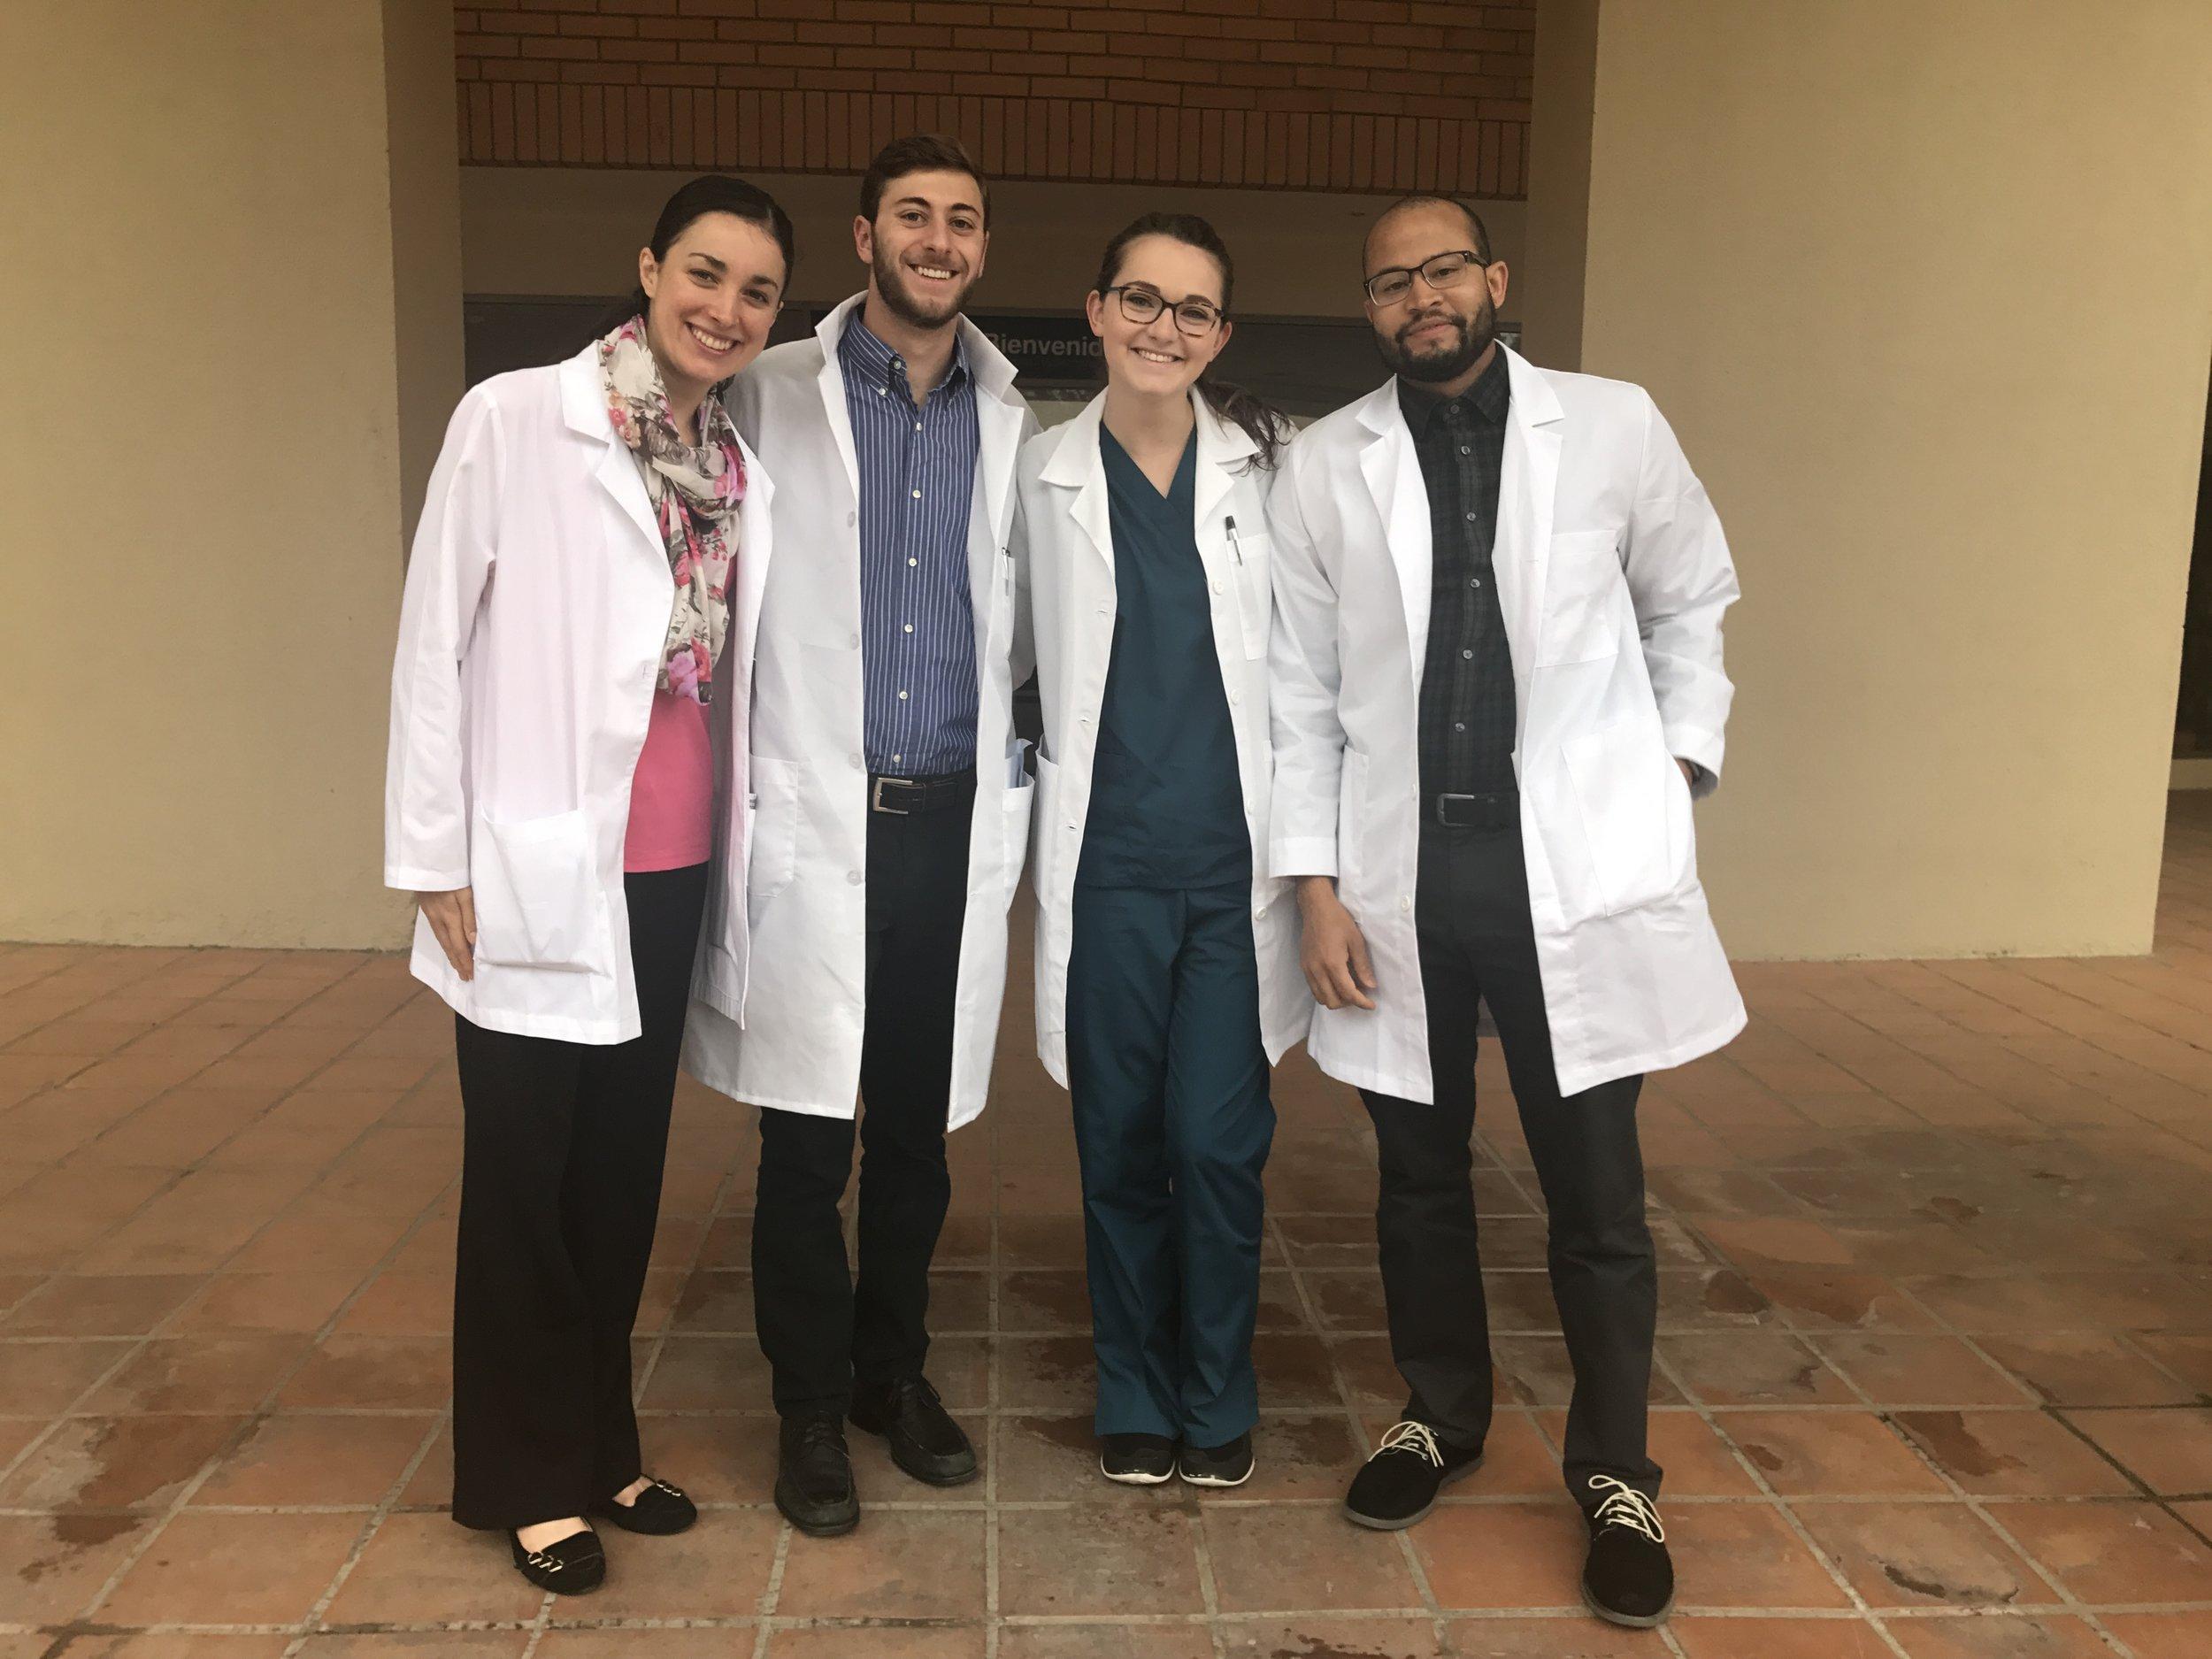 Caroline Doherty with Atlantis Fellowship Group, Cuenca, Ecuador 2017